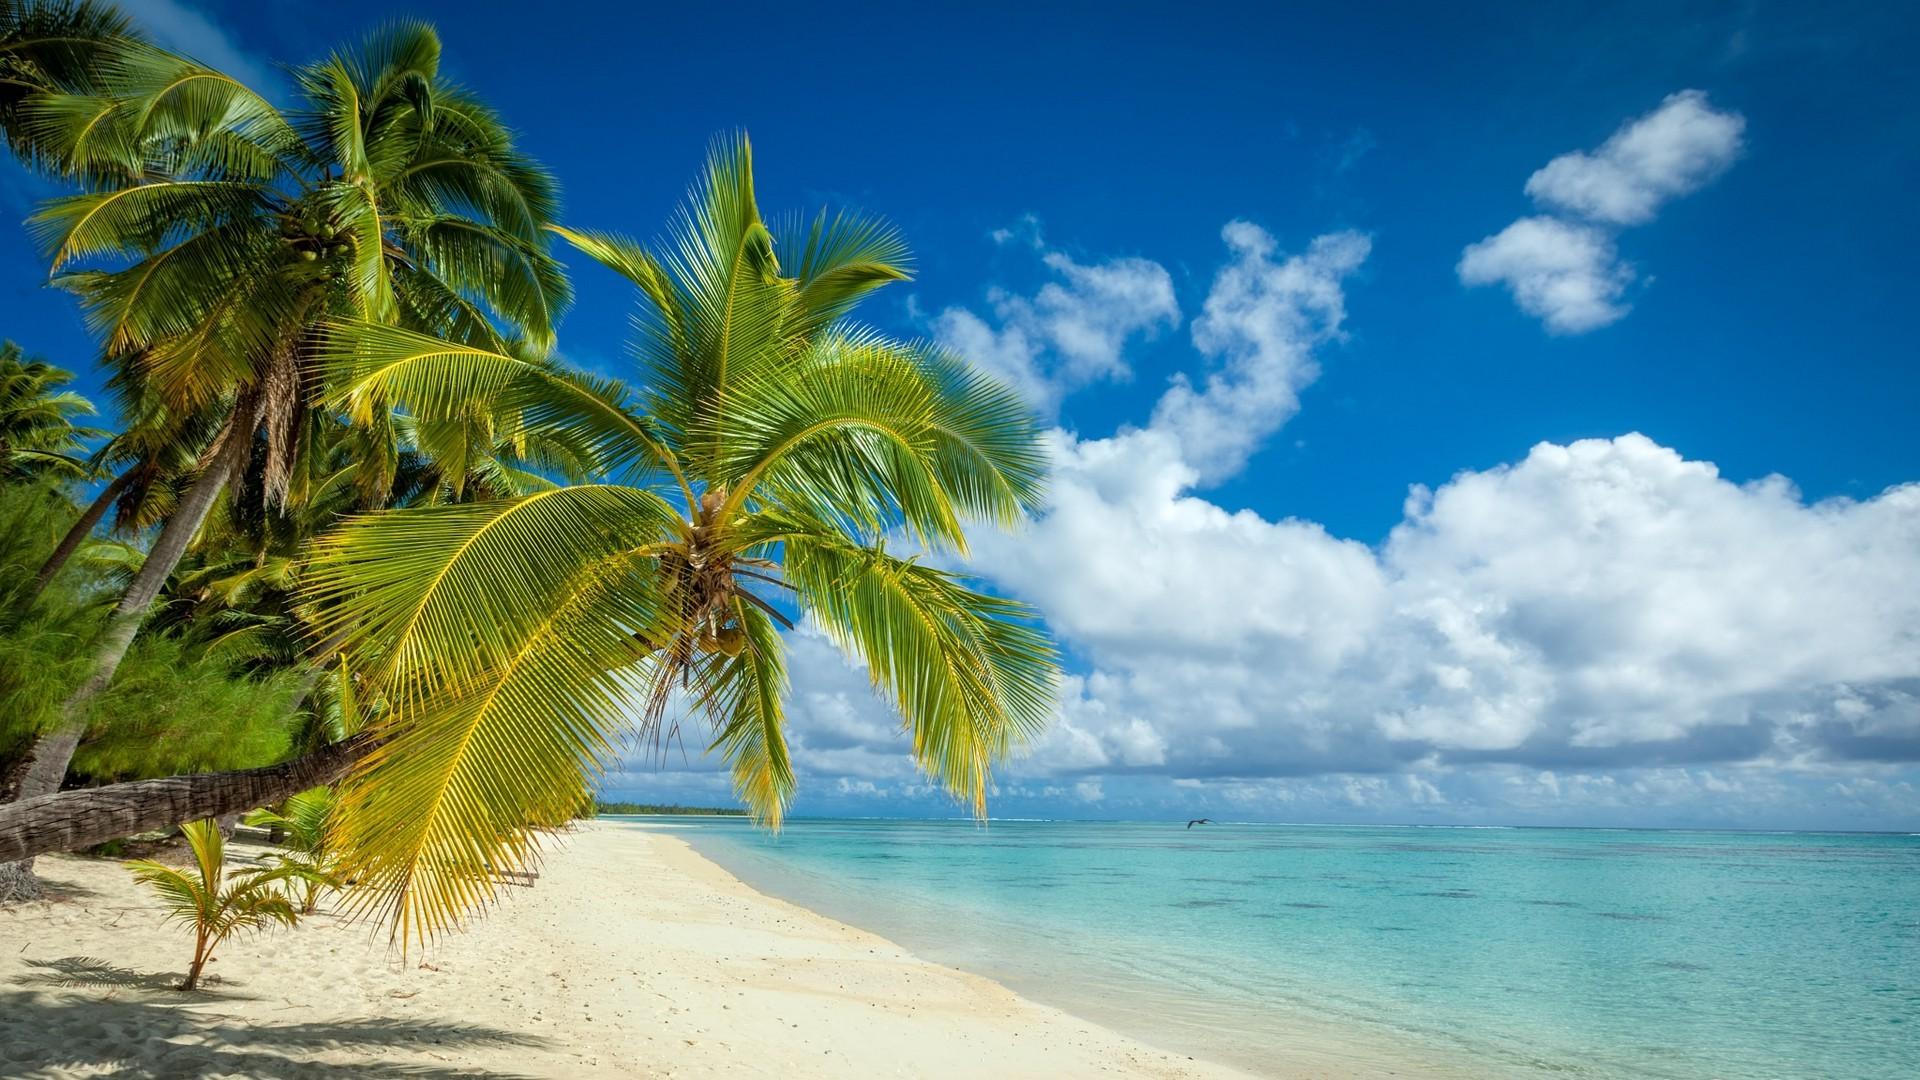 Hd Coconut Tree Seaside Landscape Nature Wallpaper Living: Sfondi : 1920x1080 Px, Spiaggia, Nuvole, Isola, Paesaggio